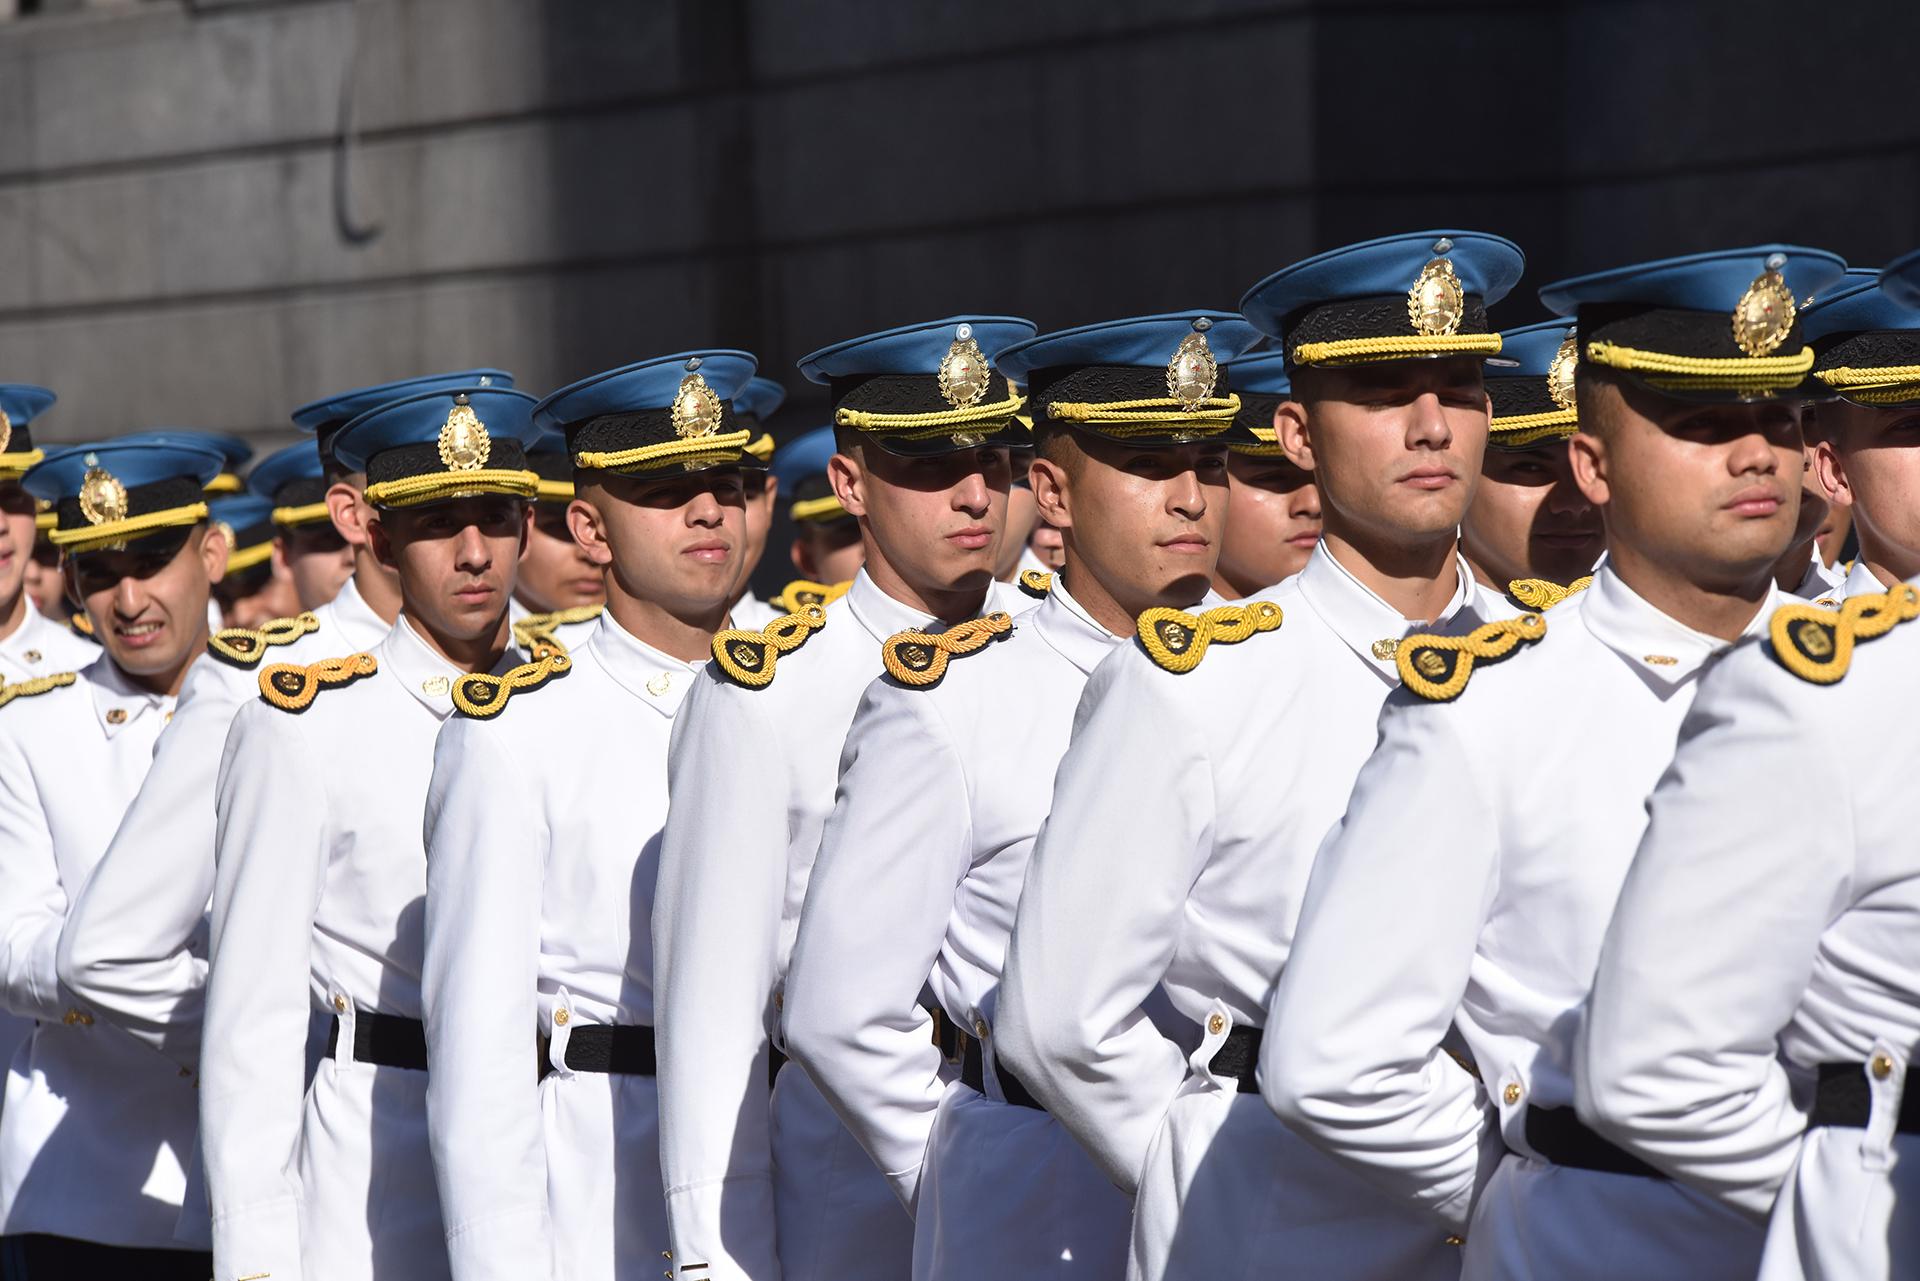 Luego, a las 18, se realizará la ceremonia de juramento de los señores ministros del Poder Ejecutivo en el Museo del Bicentenario.